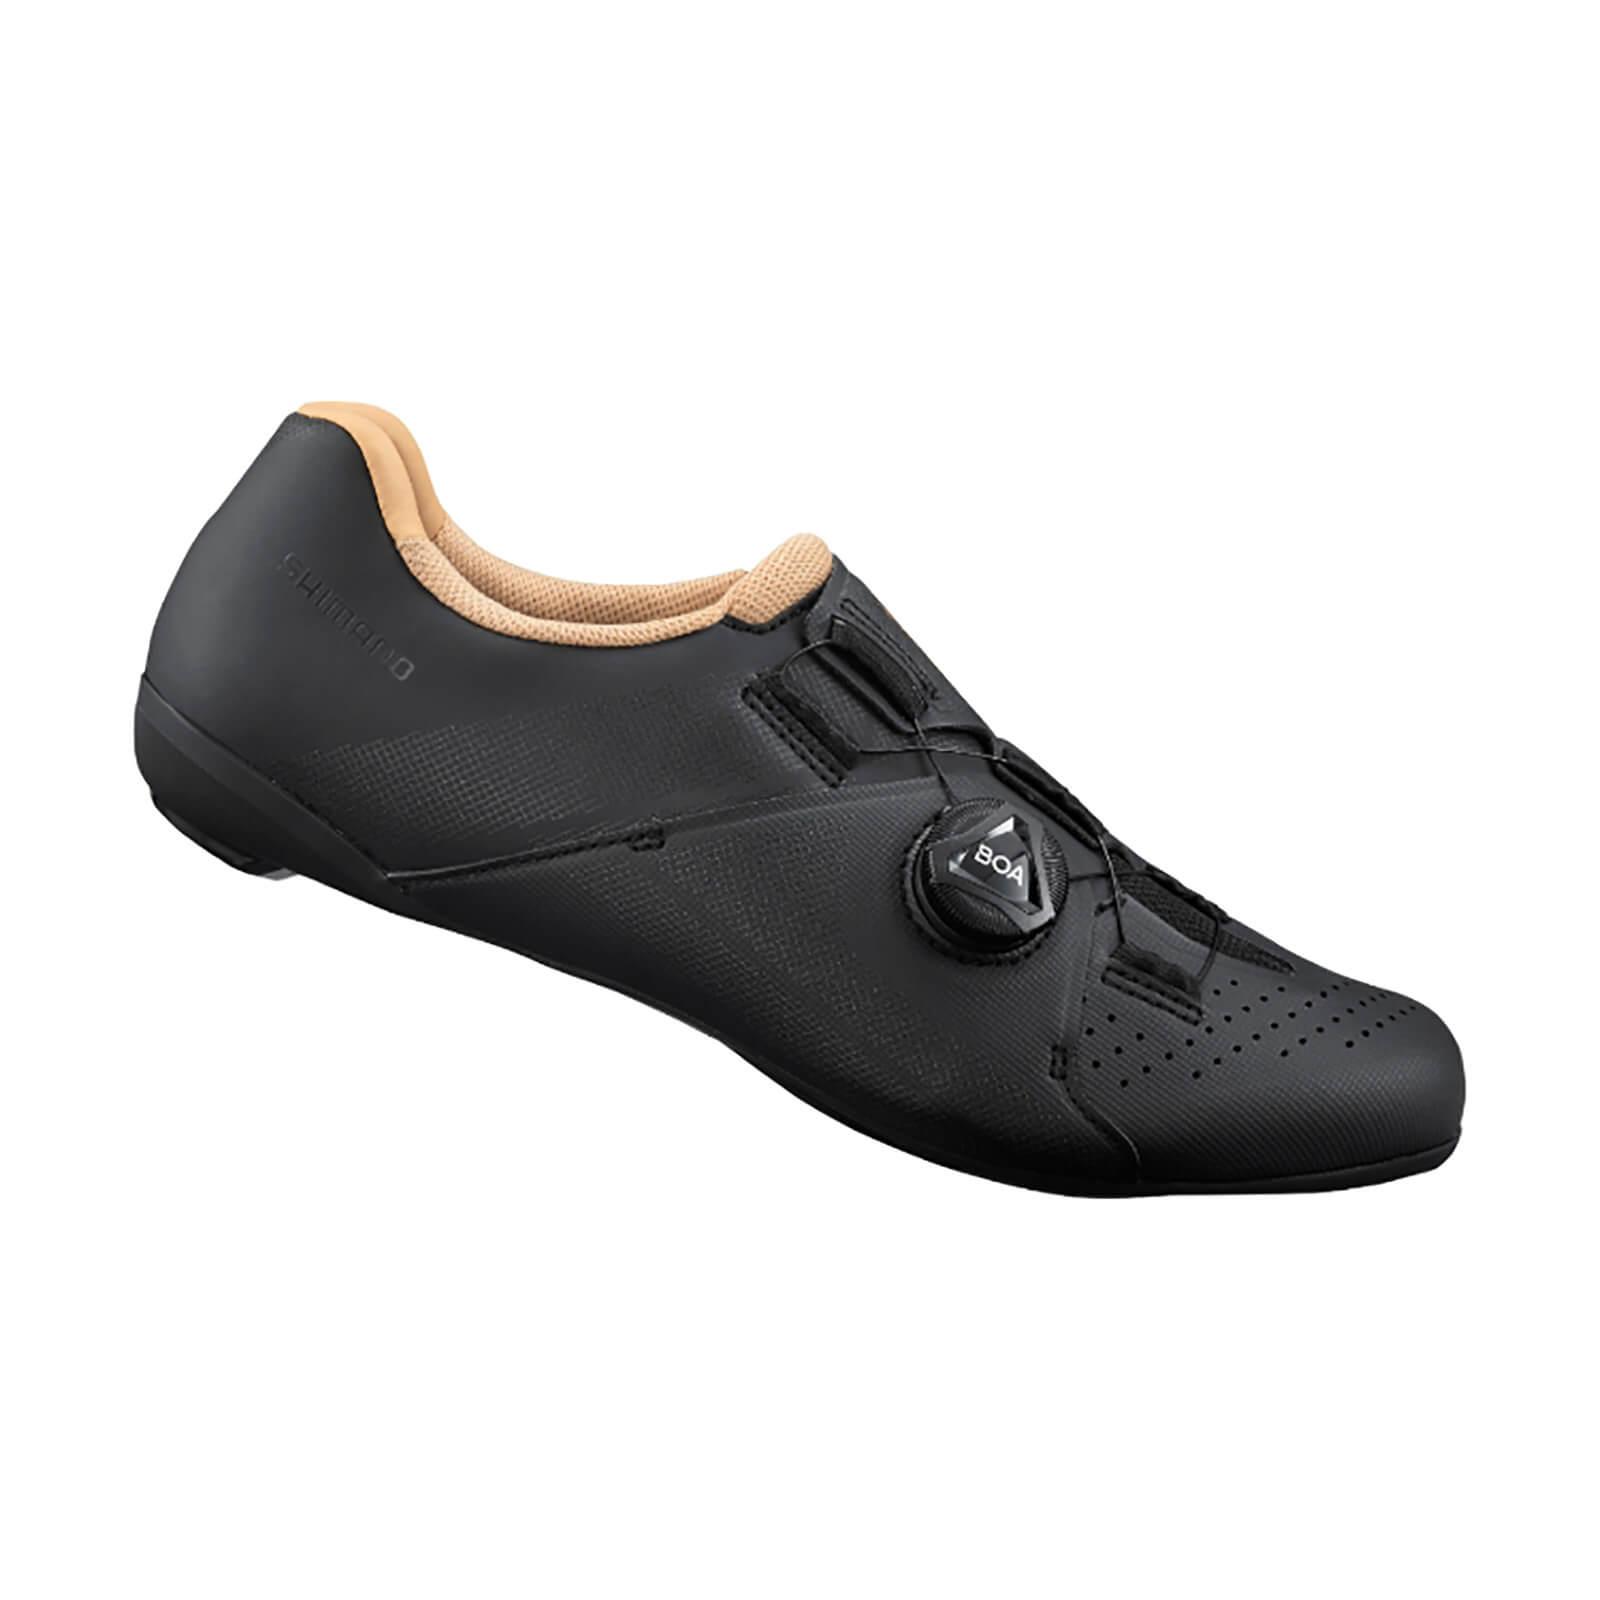 Shimano Women's SH-RC300W Road Shoes - EU 39 - Black